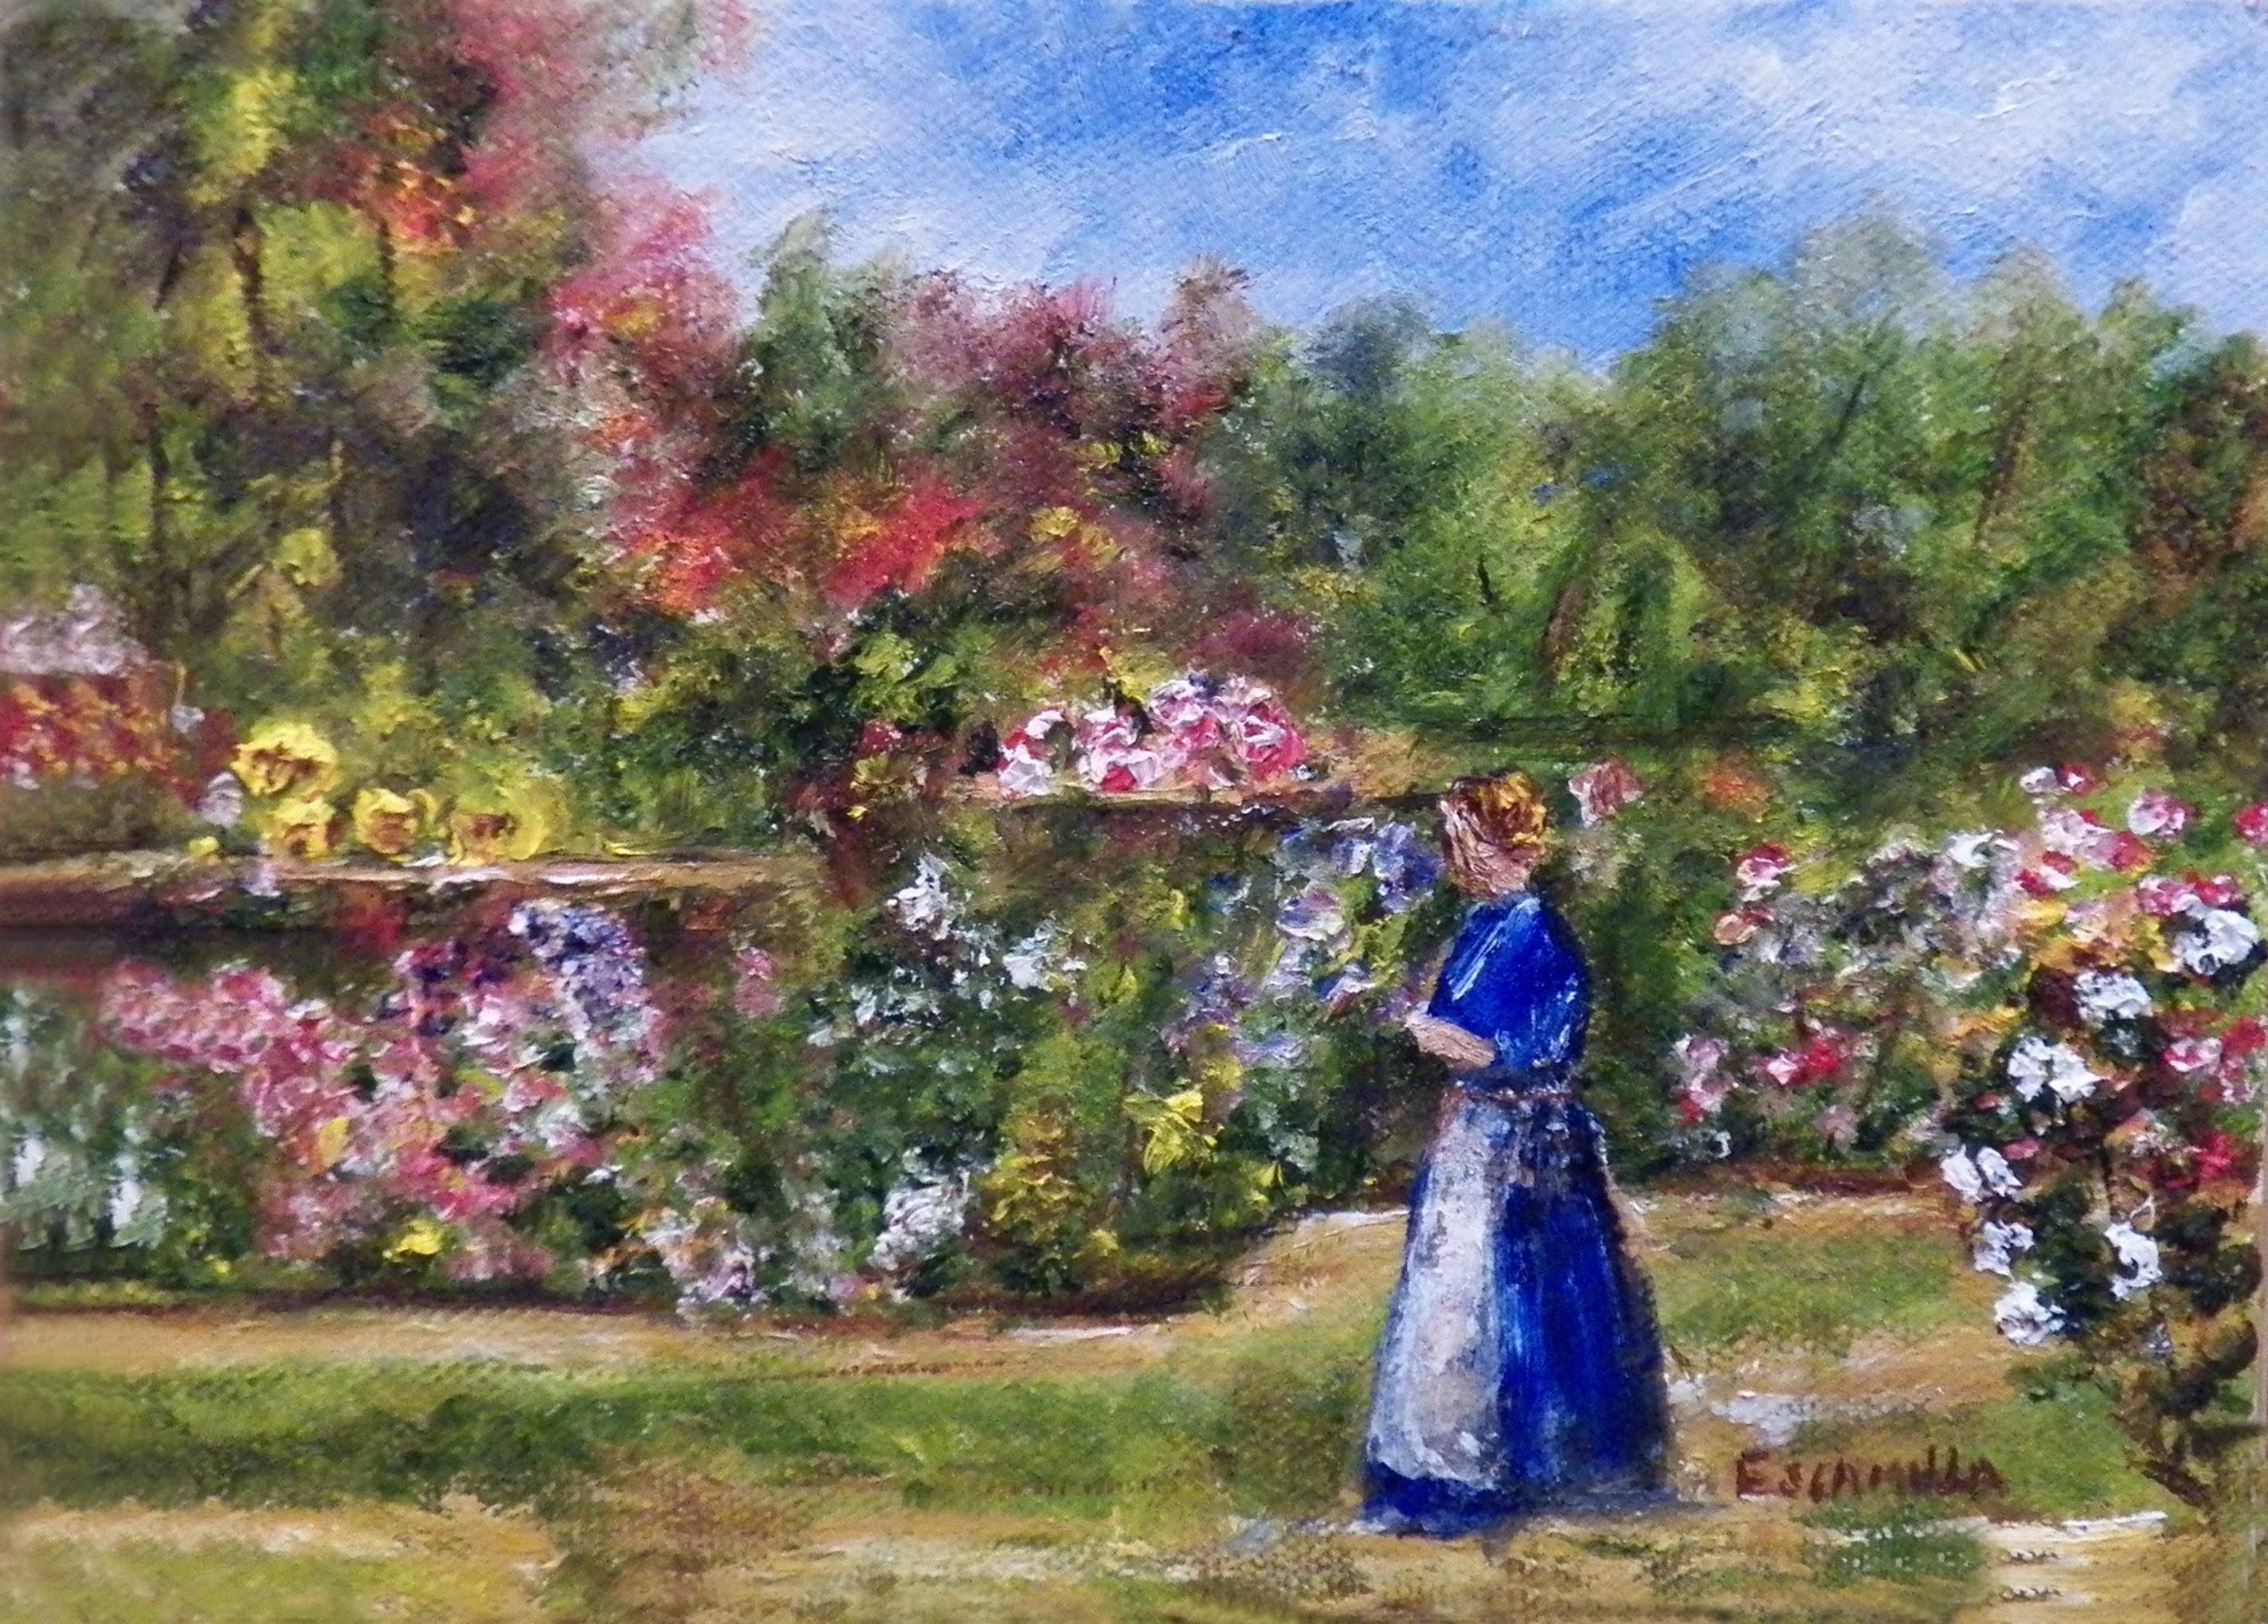 Lady_walking_in_flower_garden